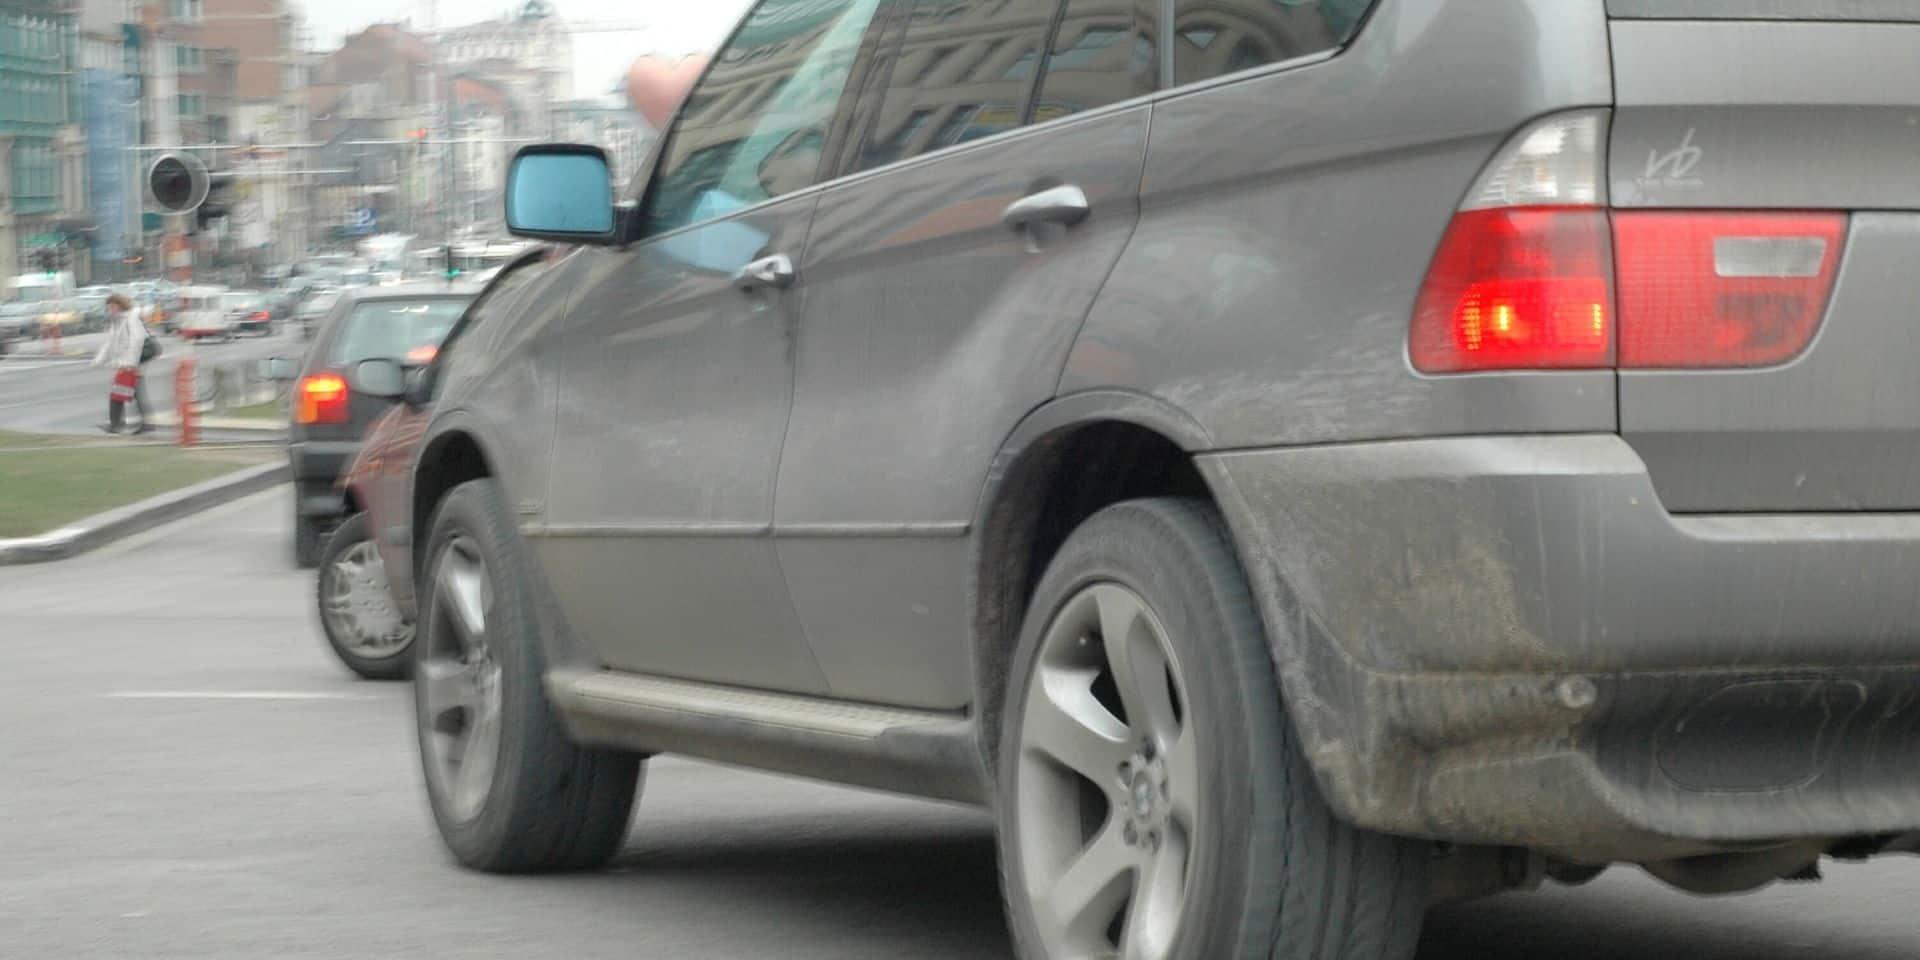 Les verts veulent interdire les publicités pour les véhicules lourds et polluants